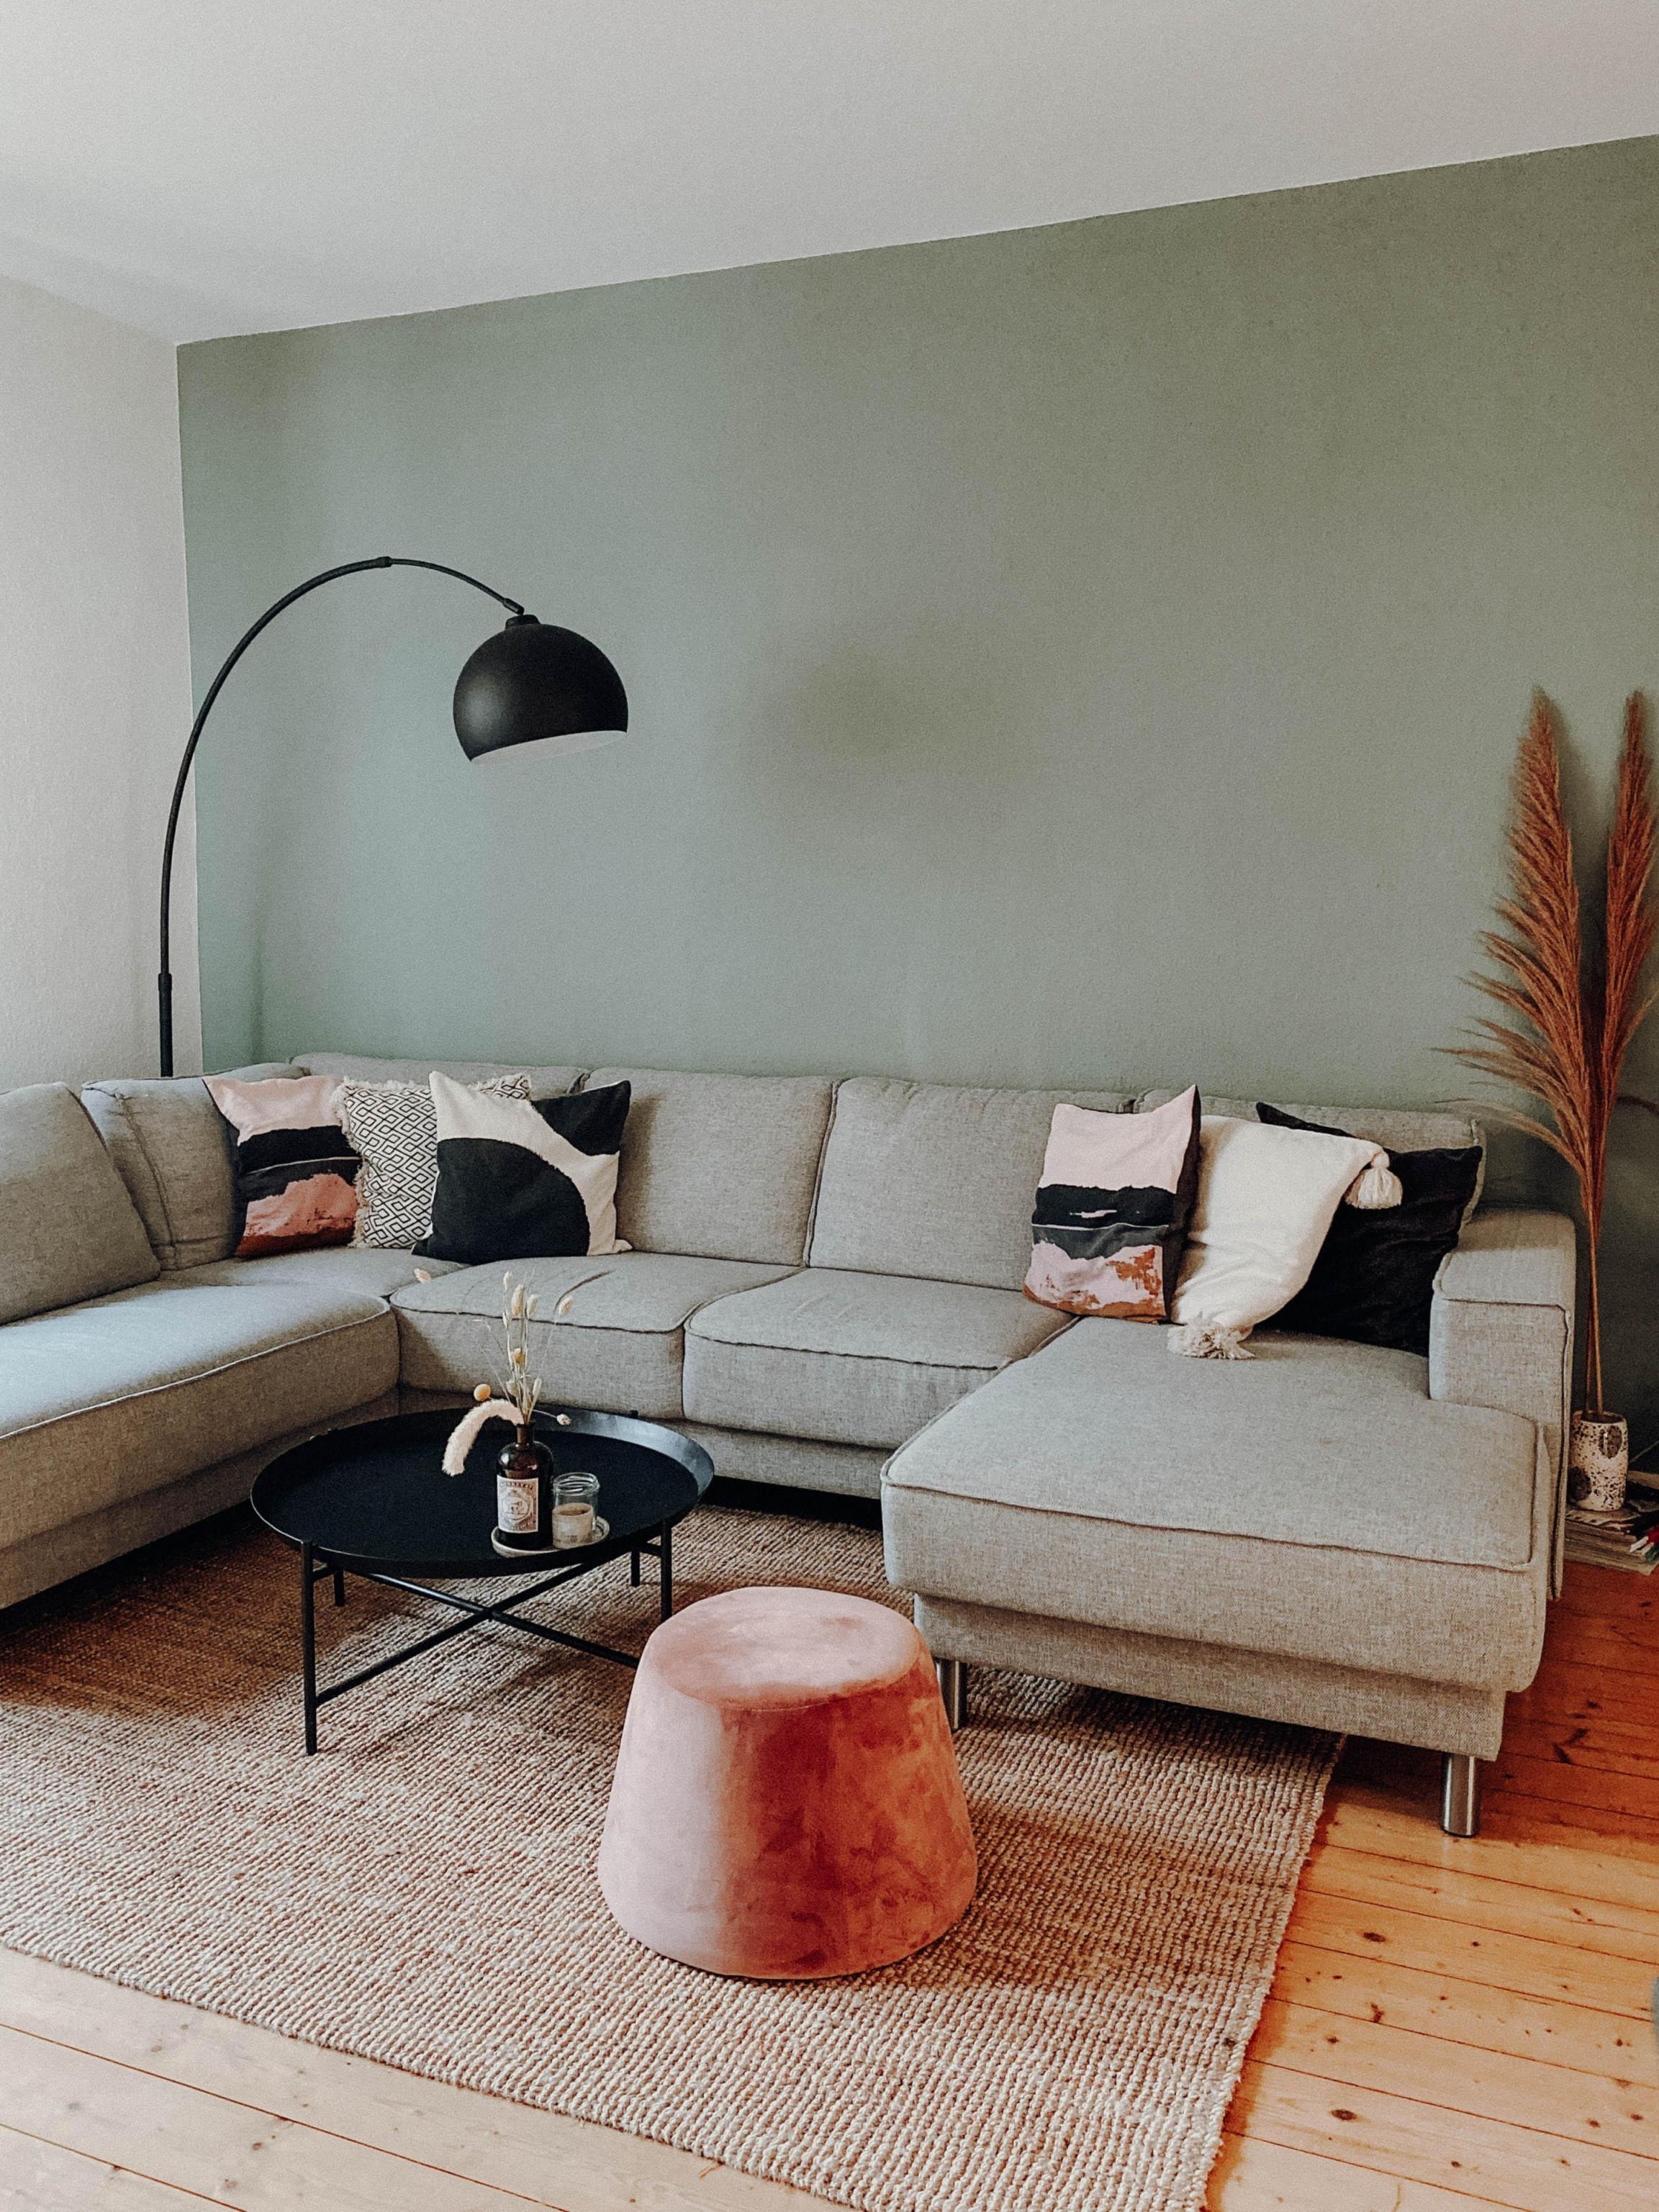 Sofa So Findest Du Die Richtige Couch Für's Wohnzimmer von Sofa Ideen Wohnzimmer Photo